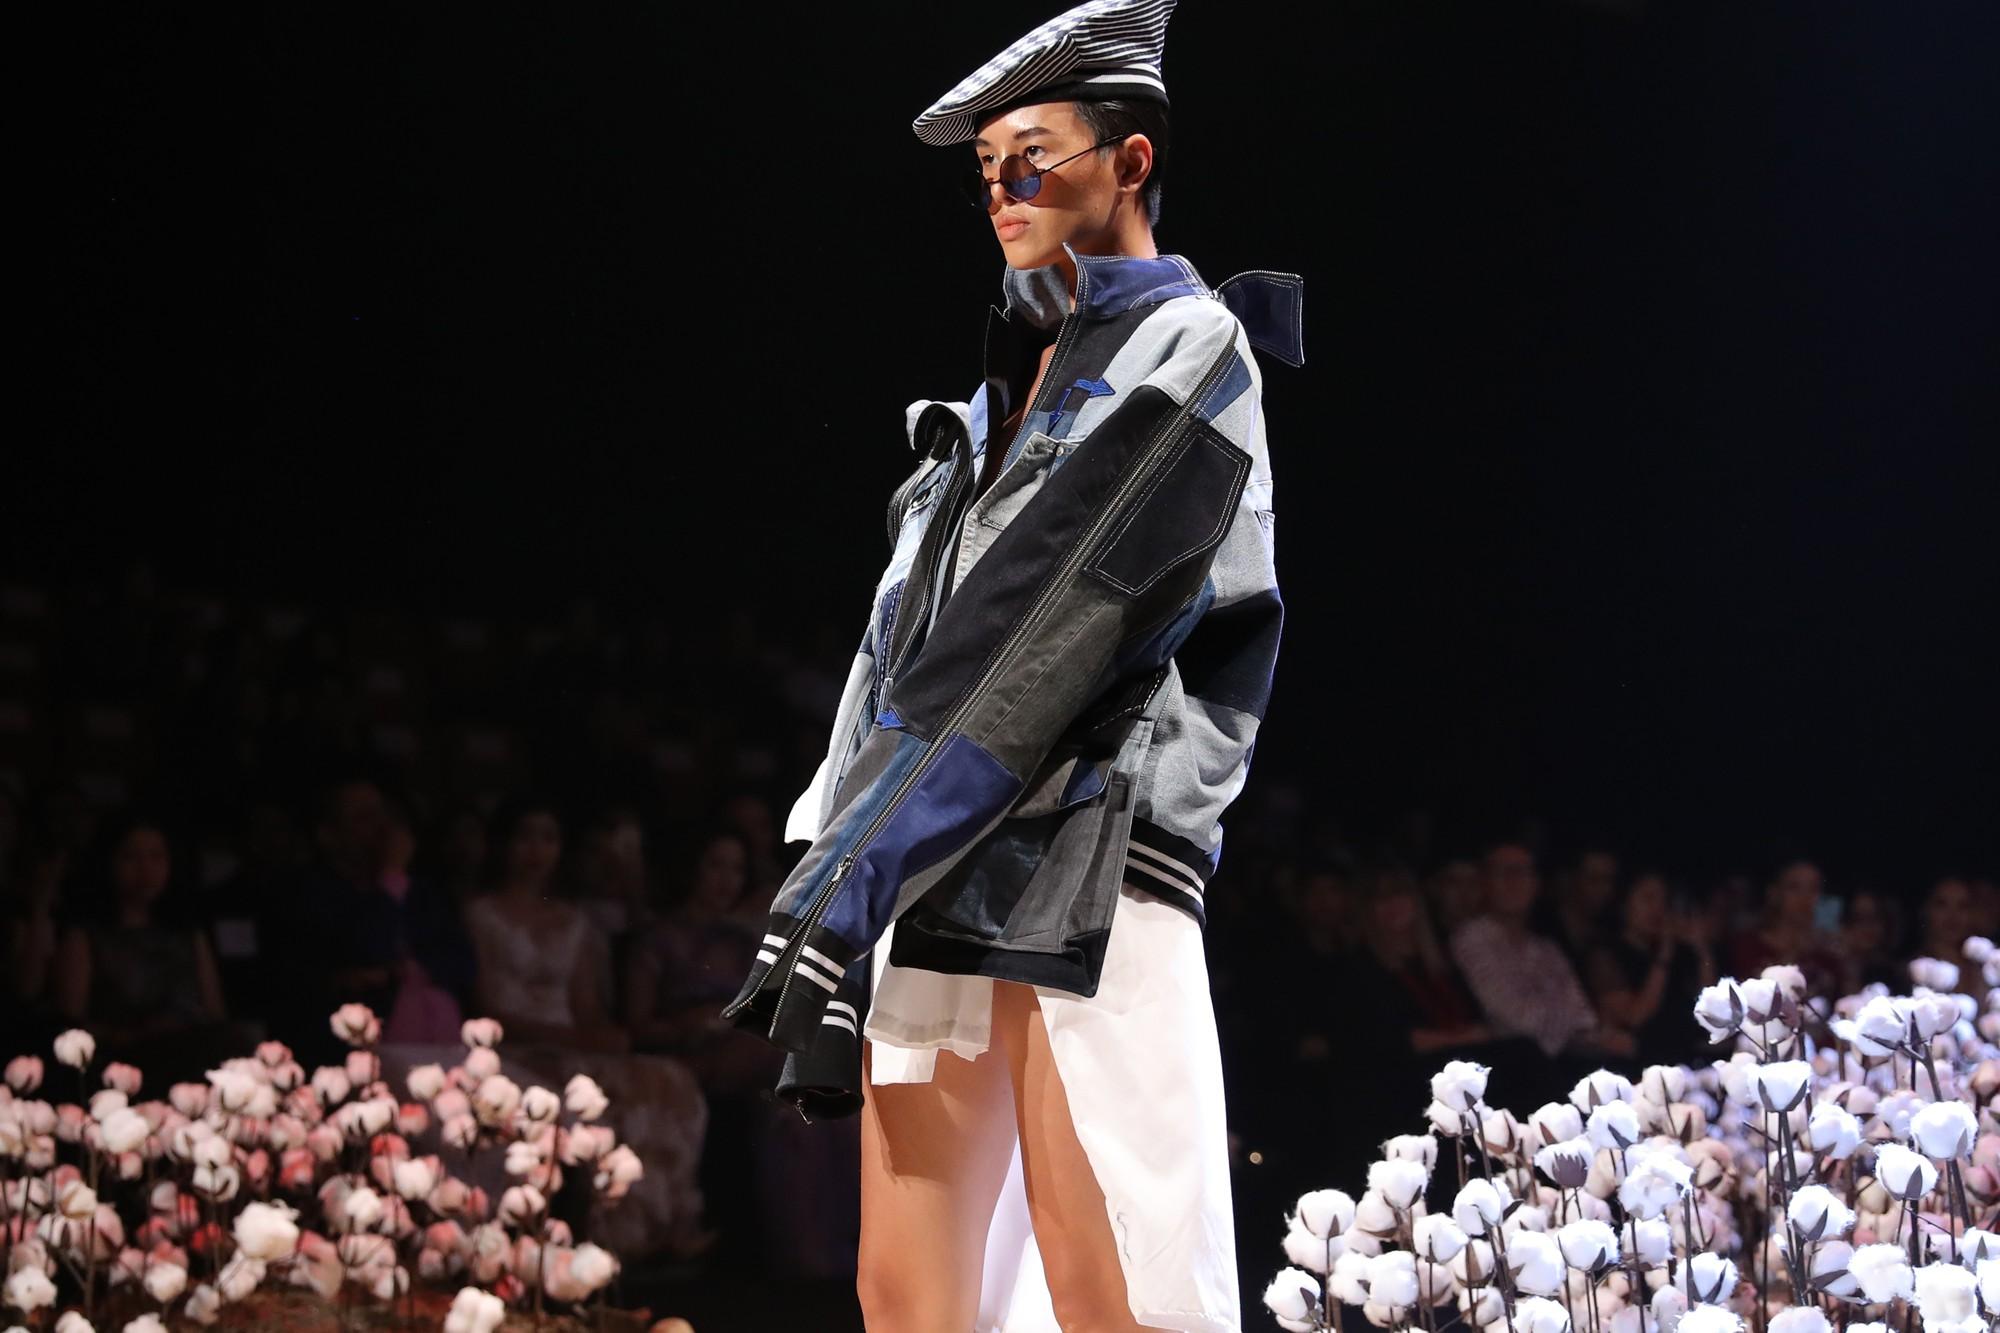 Người mẫu tomboy nhất Việt Nam để lộ 100% vòng 1 trên sàn diễn Elle Fashion Show - Ảnh 3.